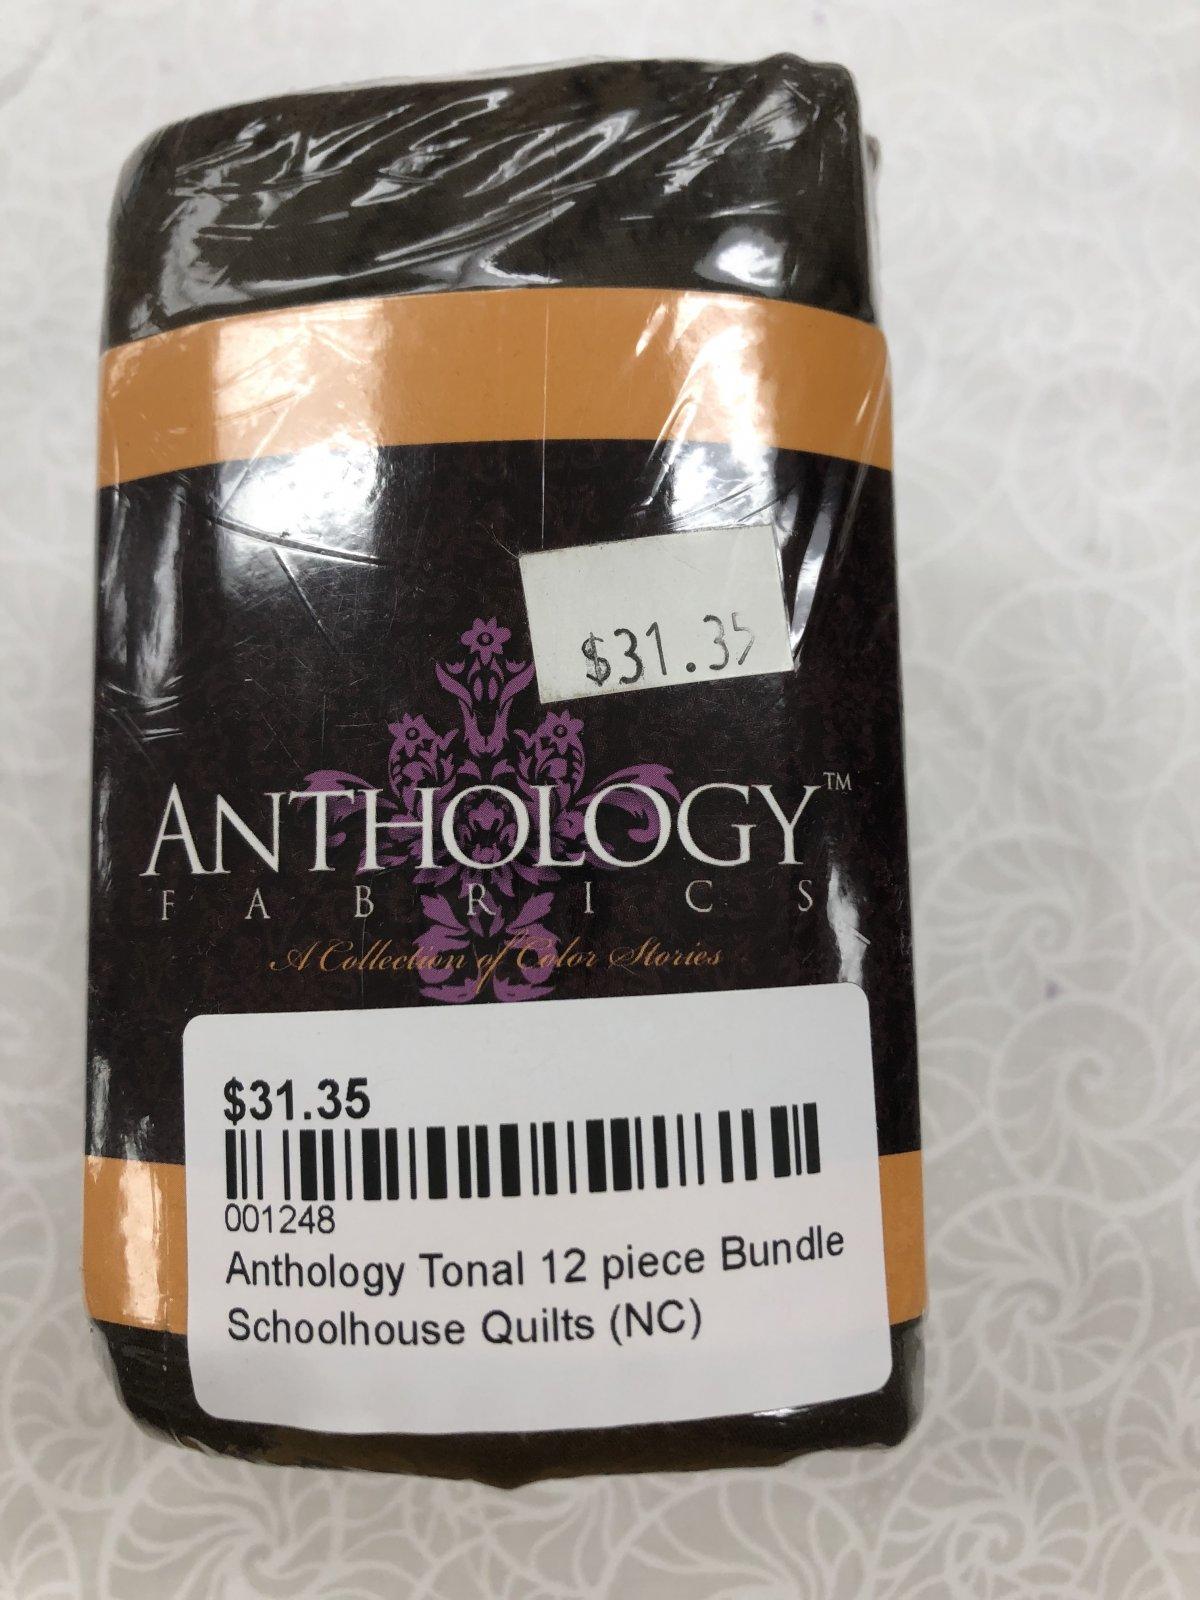 Anthology Tonal 12 piece Bundle